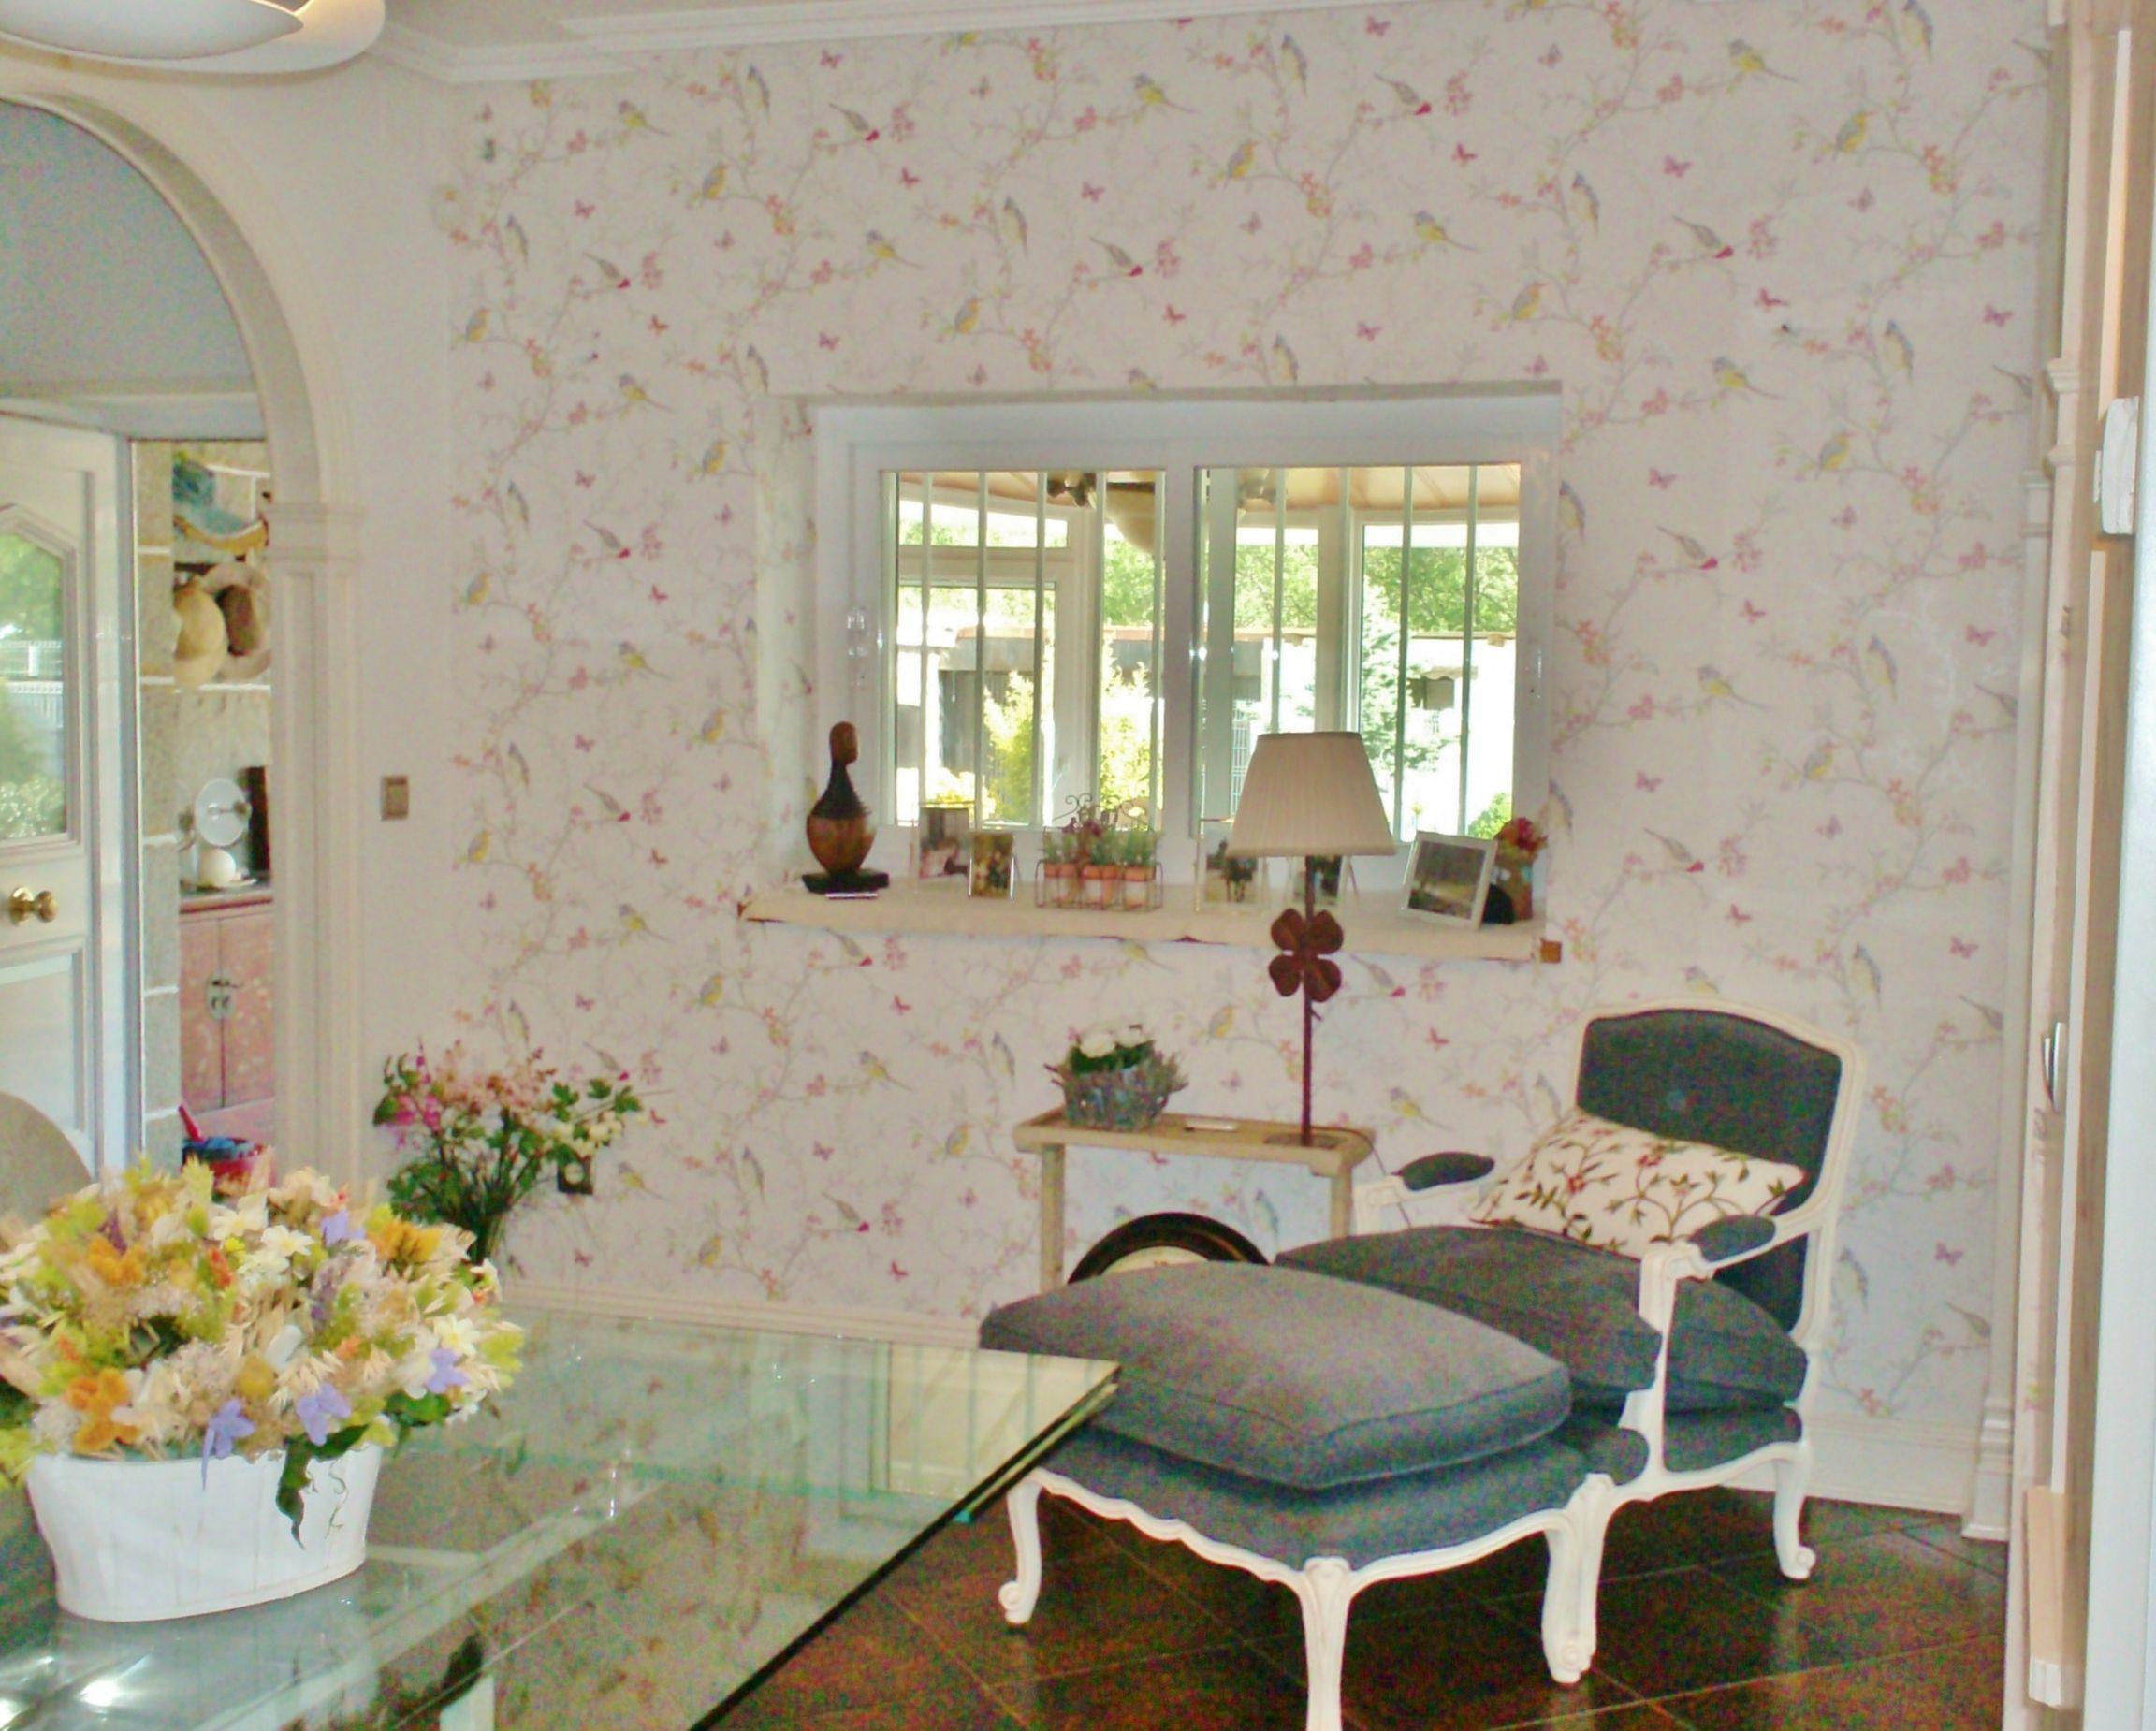 Decoraci N Paredes Pintura Y Papel Pintado Decoracion Paredes  ~ Pintura Decorativa Paredes Interiores